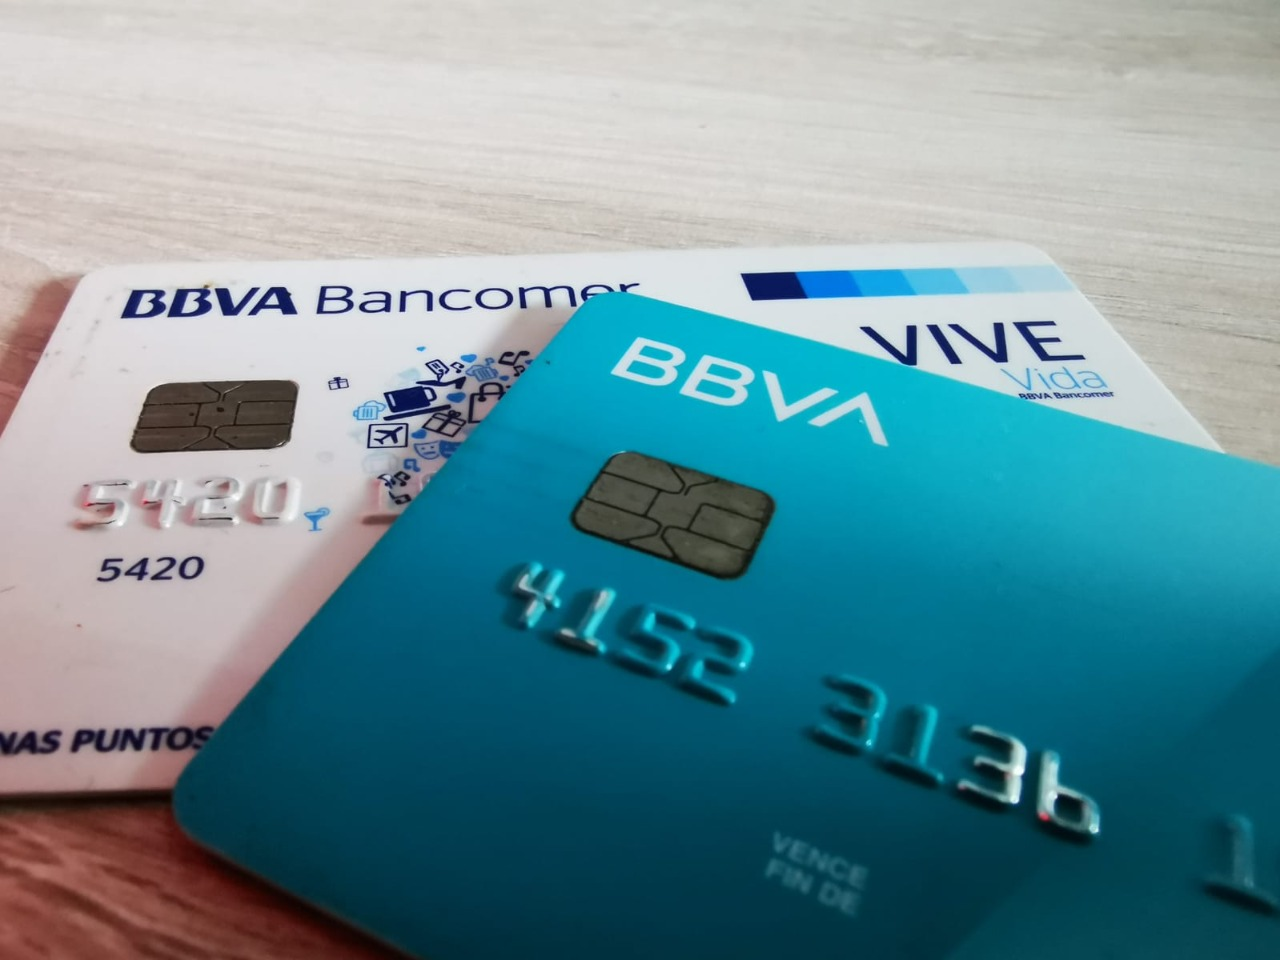 Malas prácticas en servicios de bancos